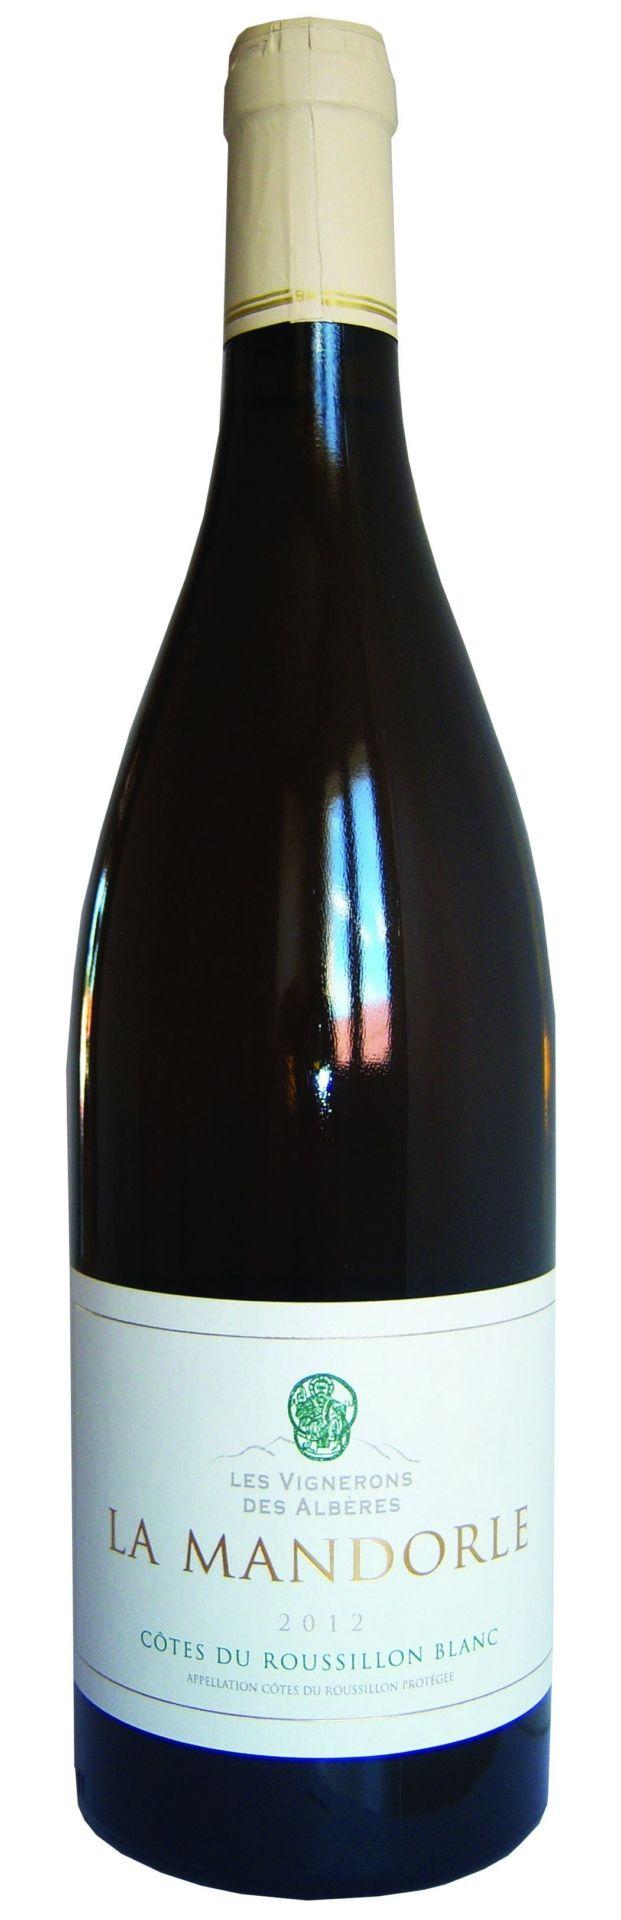 Les Vignerons des Albères – La Mandorle Blanche – witte wijn – Frankrijk – Côtes du Roussillon